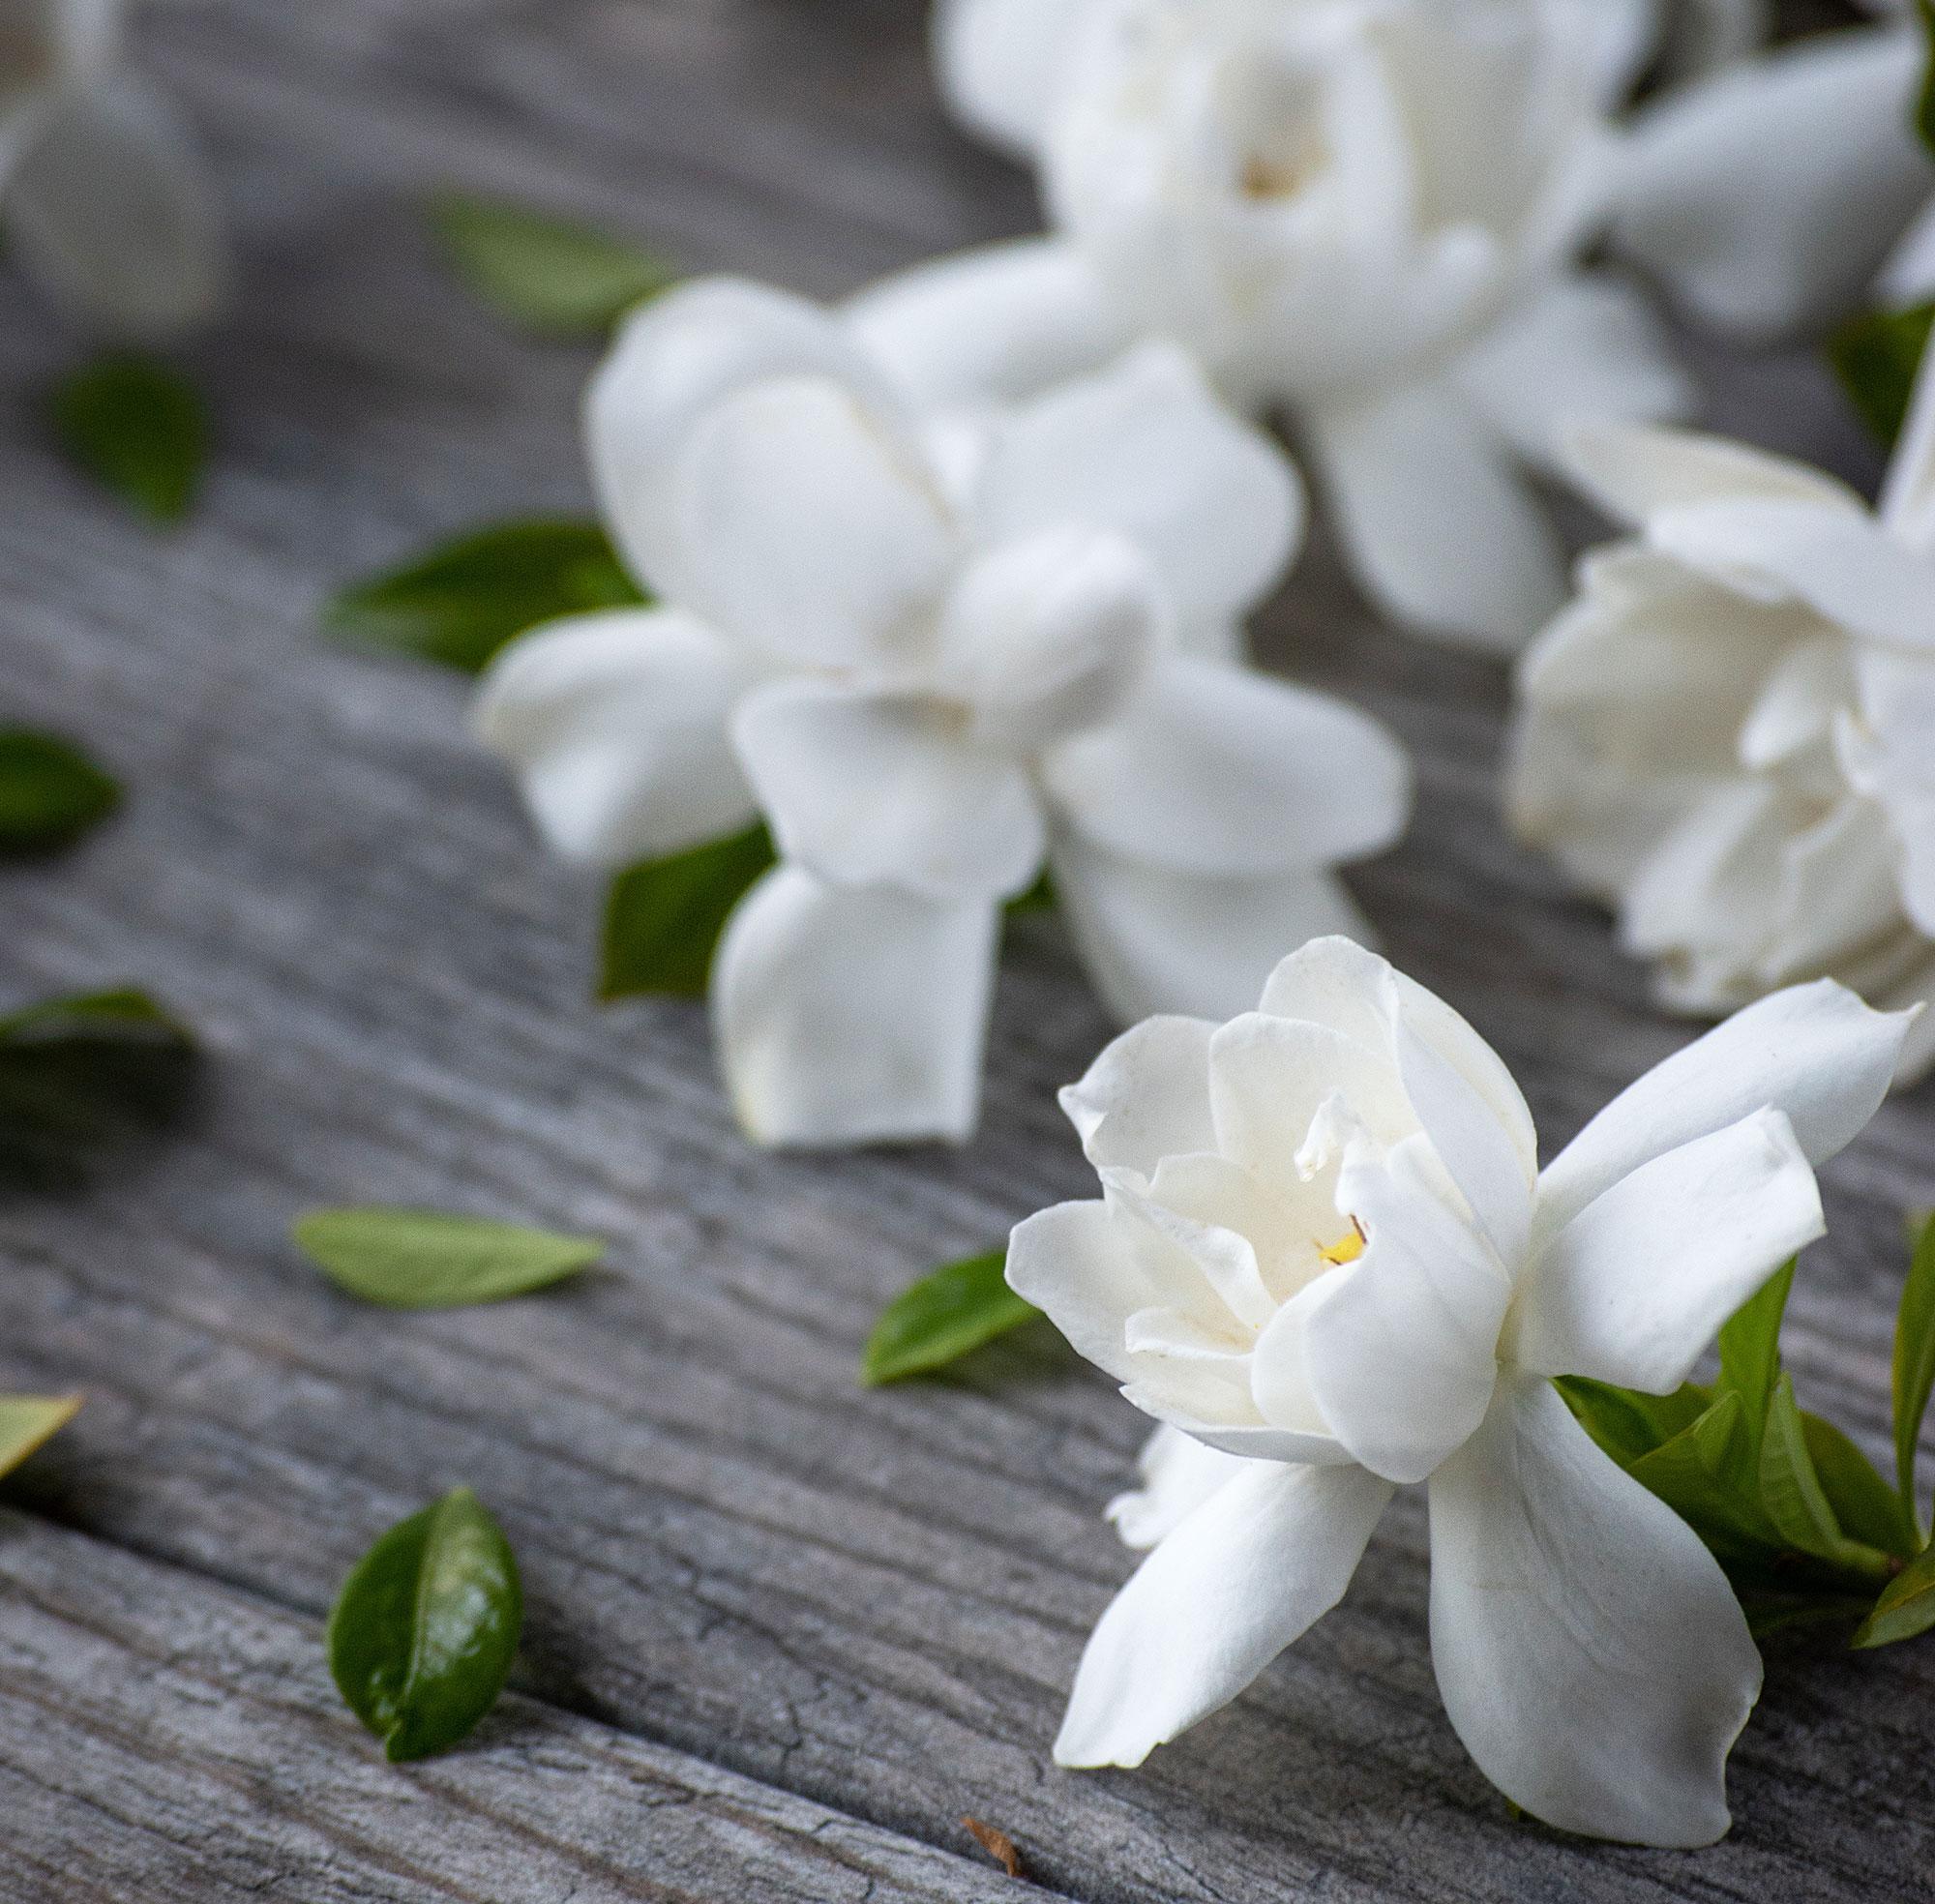 К чему дарят белые цветы